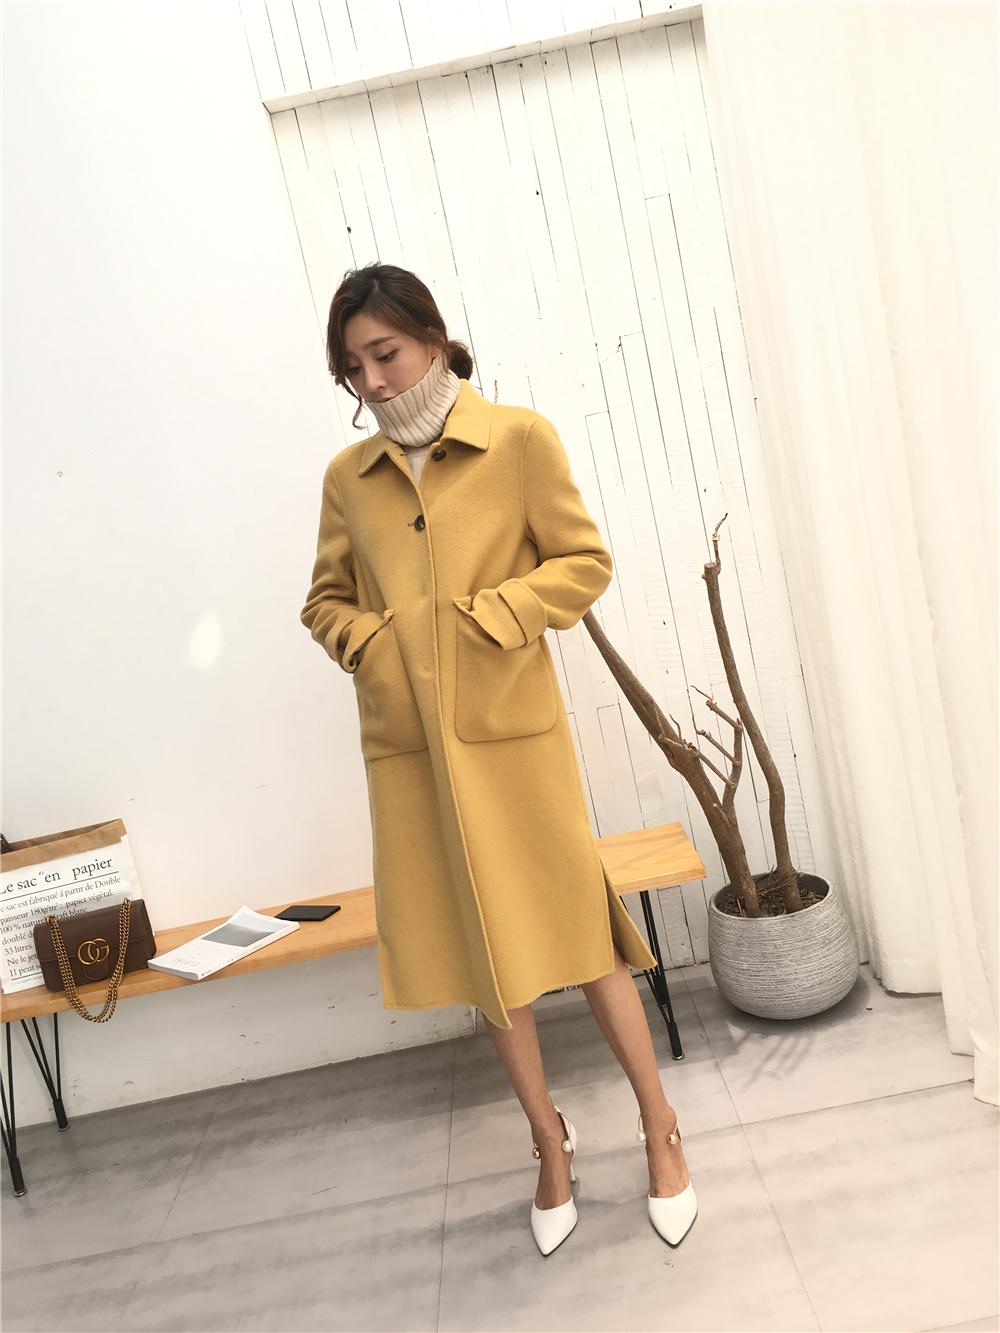 Đơn ngực cashmere áo khoác nữ hai mặt phần dài side khe túi thanh lớn 18 mùa thu và mùa đông mới của Hàn Quốc phiên bản của áo len